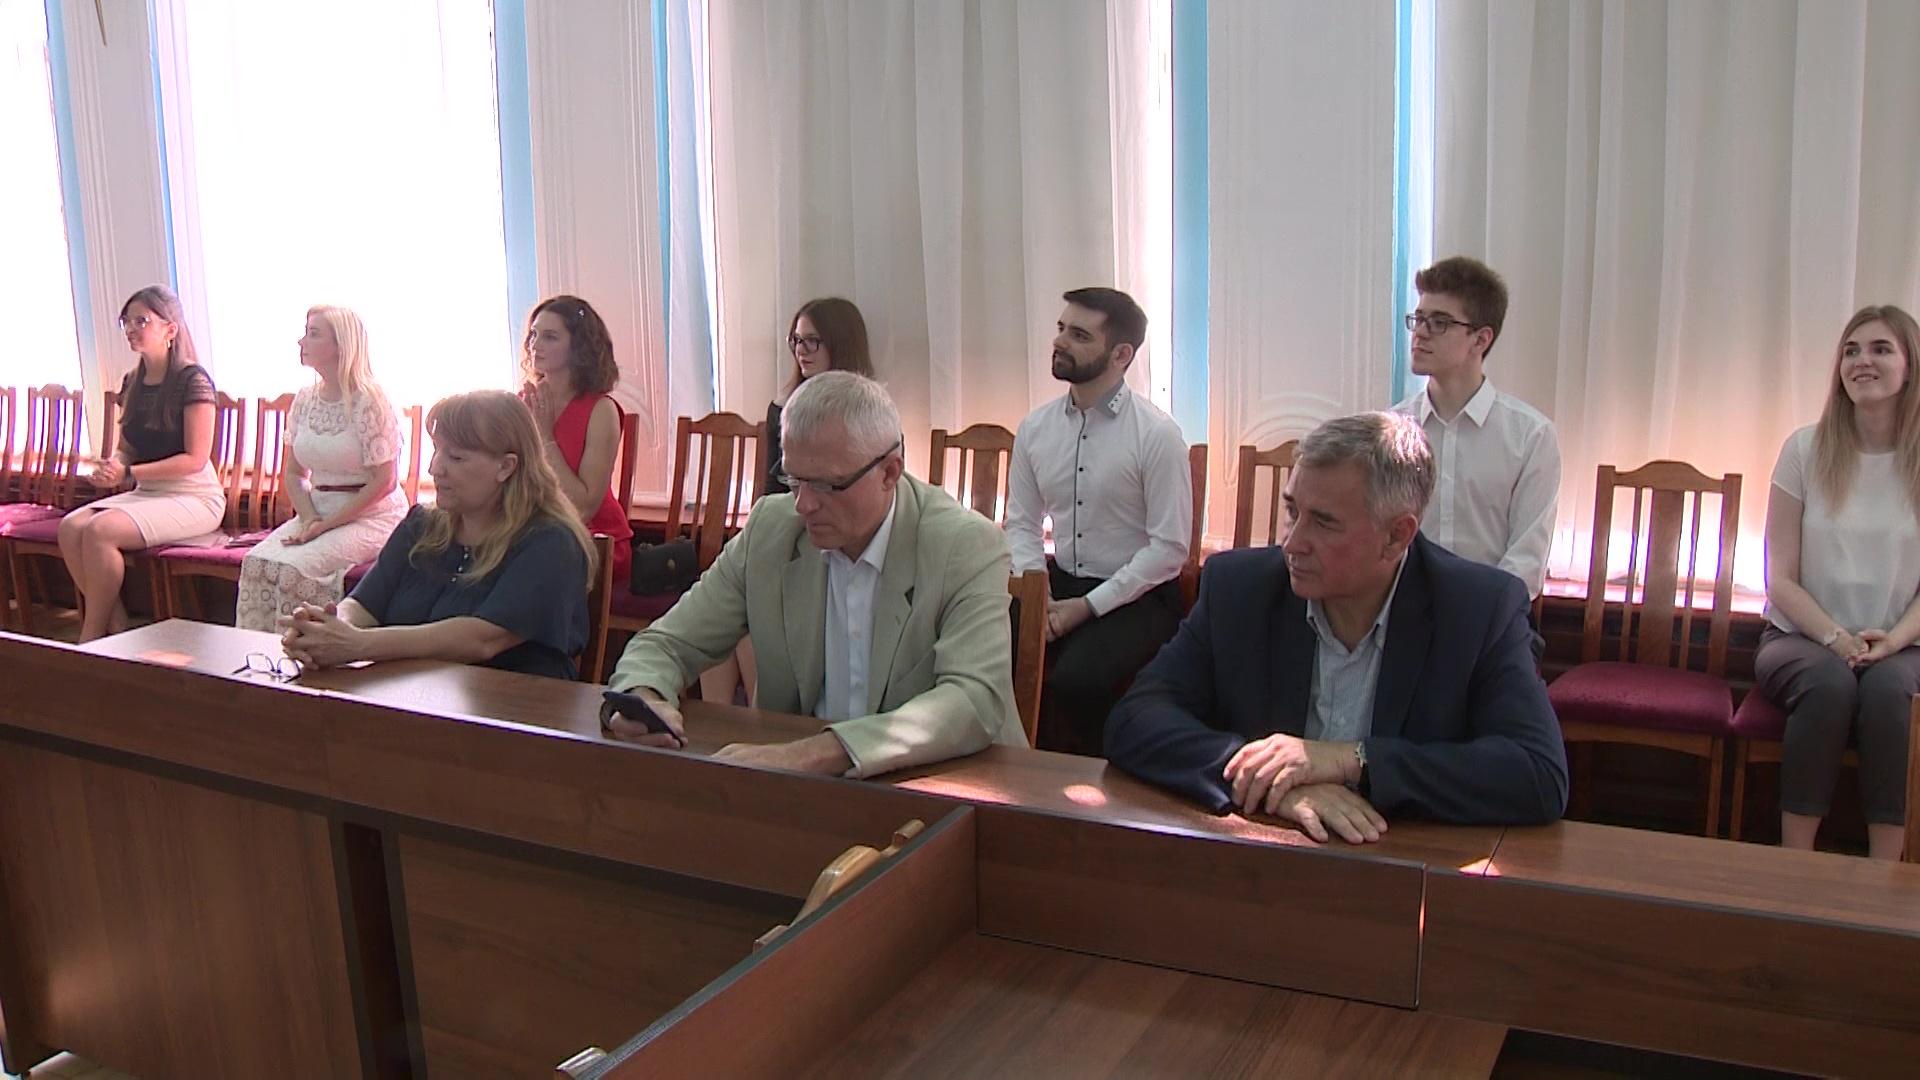 Выпускники Ярославского медуниверситета принесли клятву медика